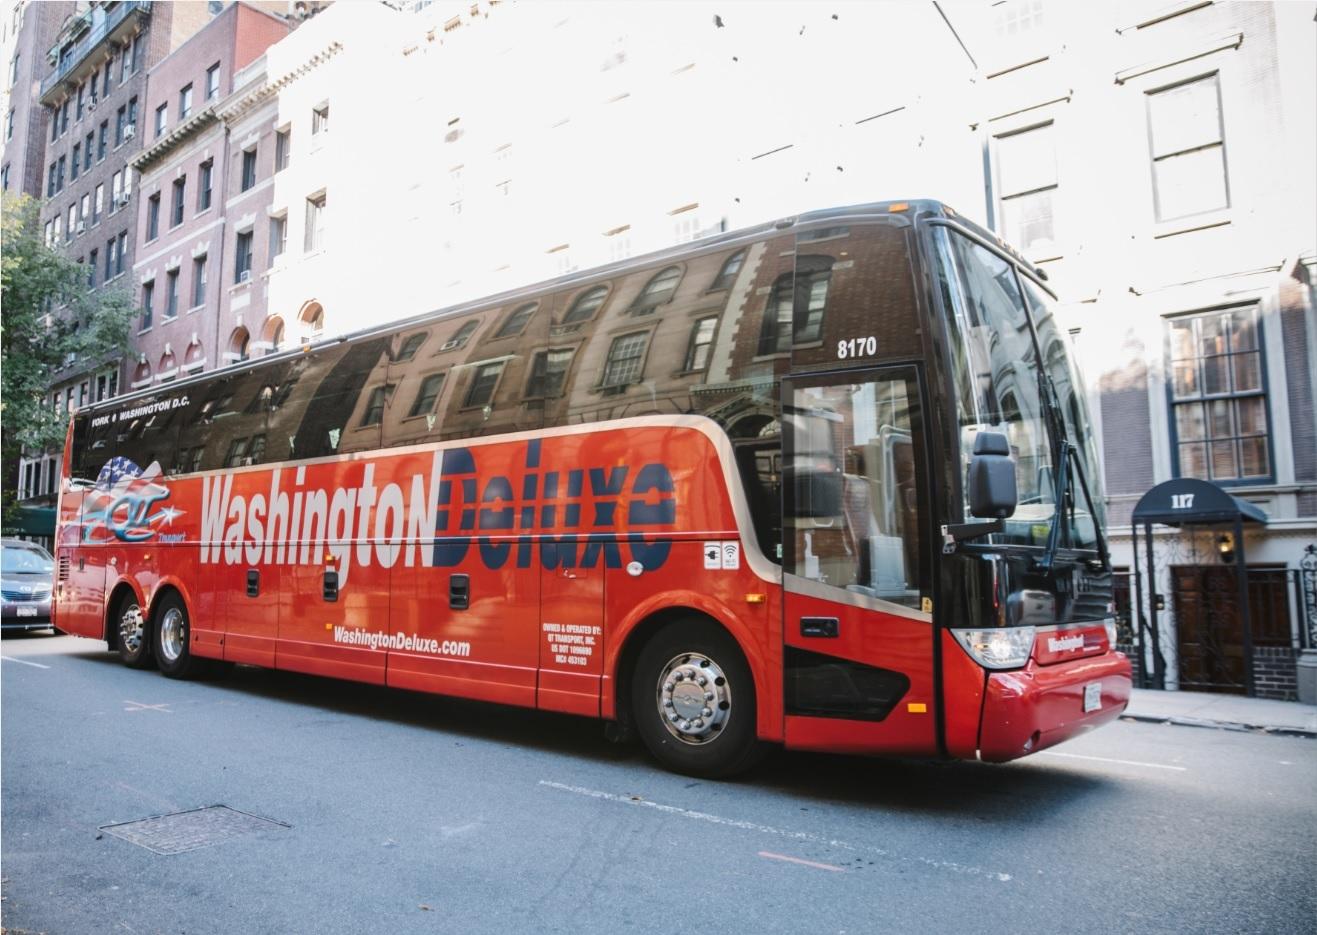 ニューヨーク → ワシントンD.C.間 シャトルバス